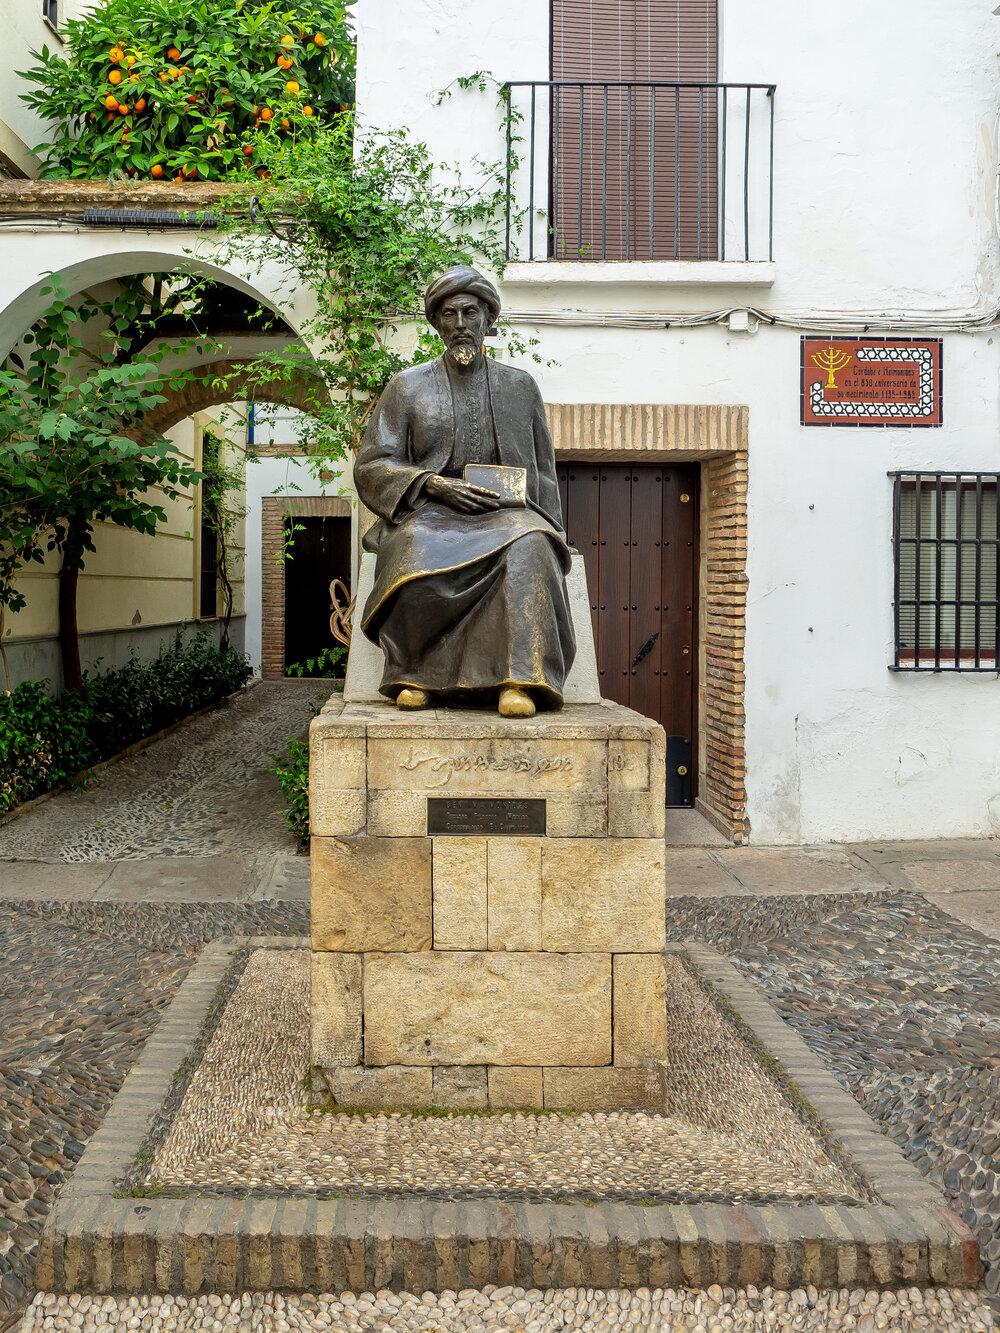 Pomnik Majmonidesa w Kordobie, w Hiszpanii.  CC